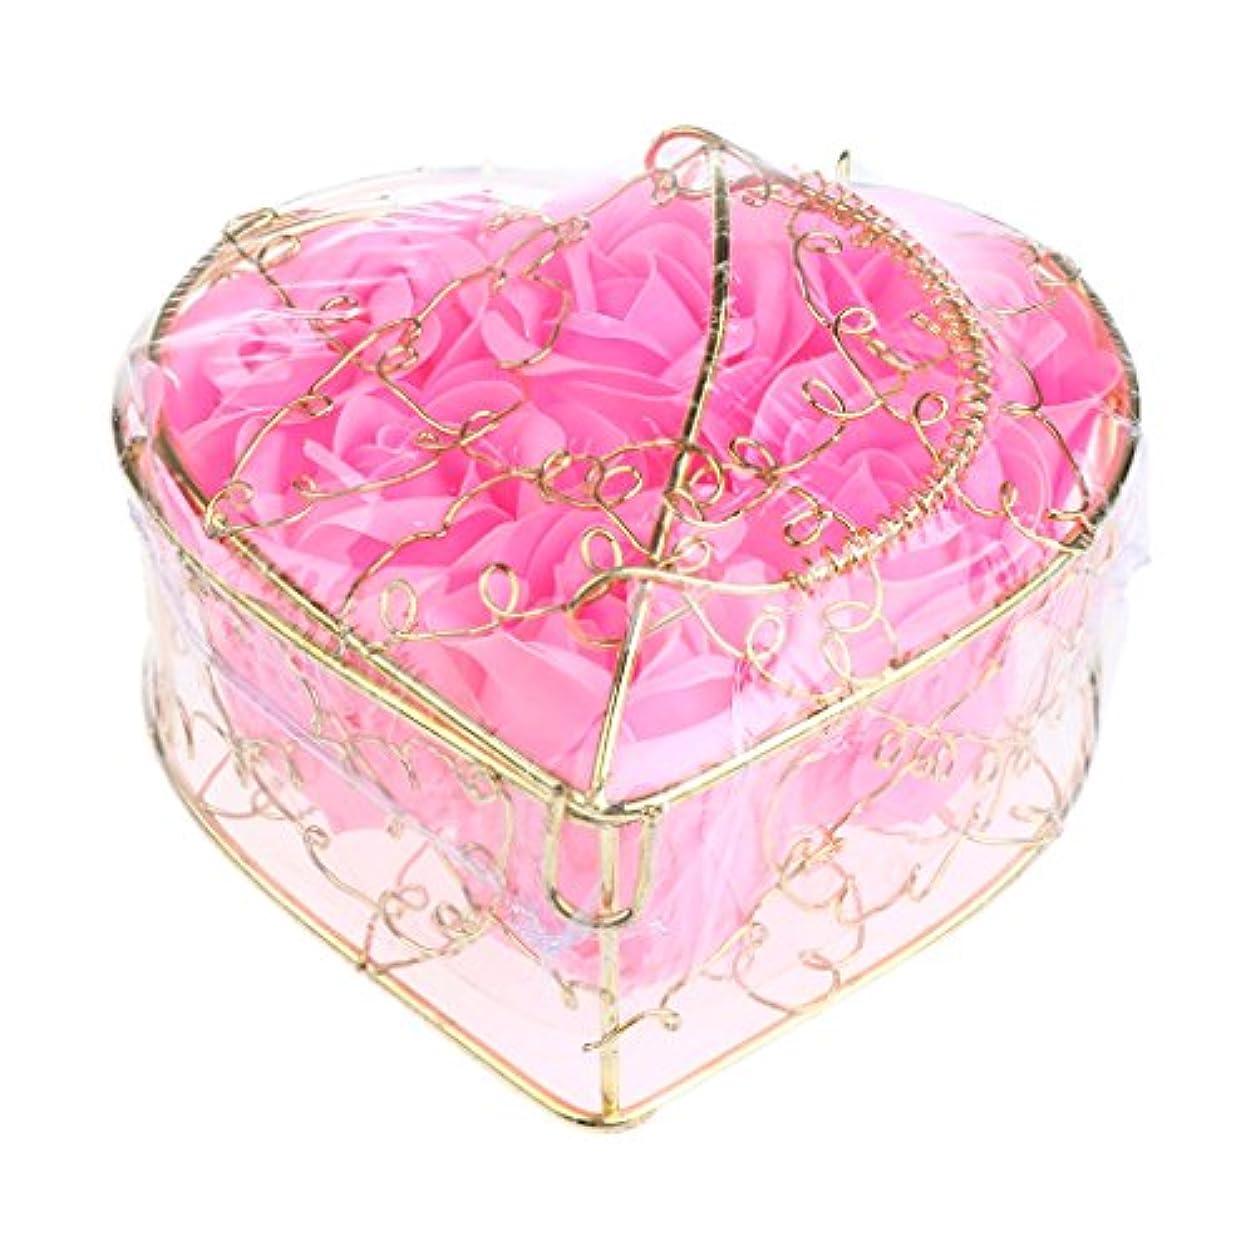 ラリーベルモント学士ボトルネック6個 石鹸の花 バラ 石鹸の花びら 母の日 ギフトボックス ロマンチック 全5タイプ選べる - ピンク